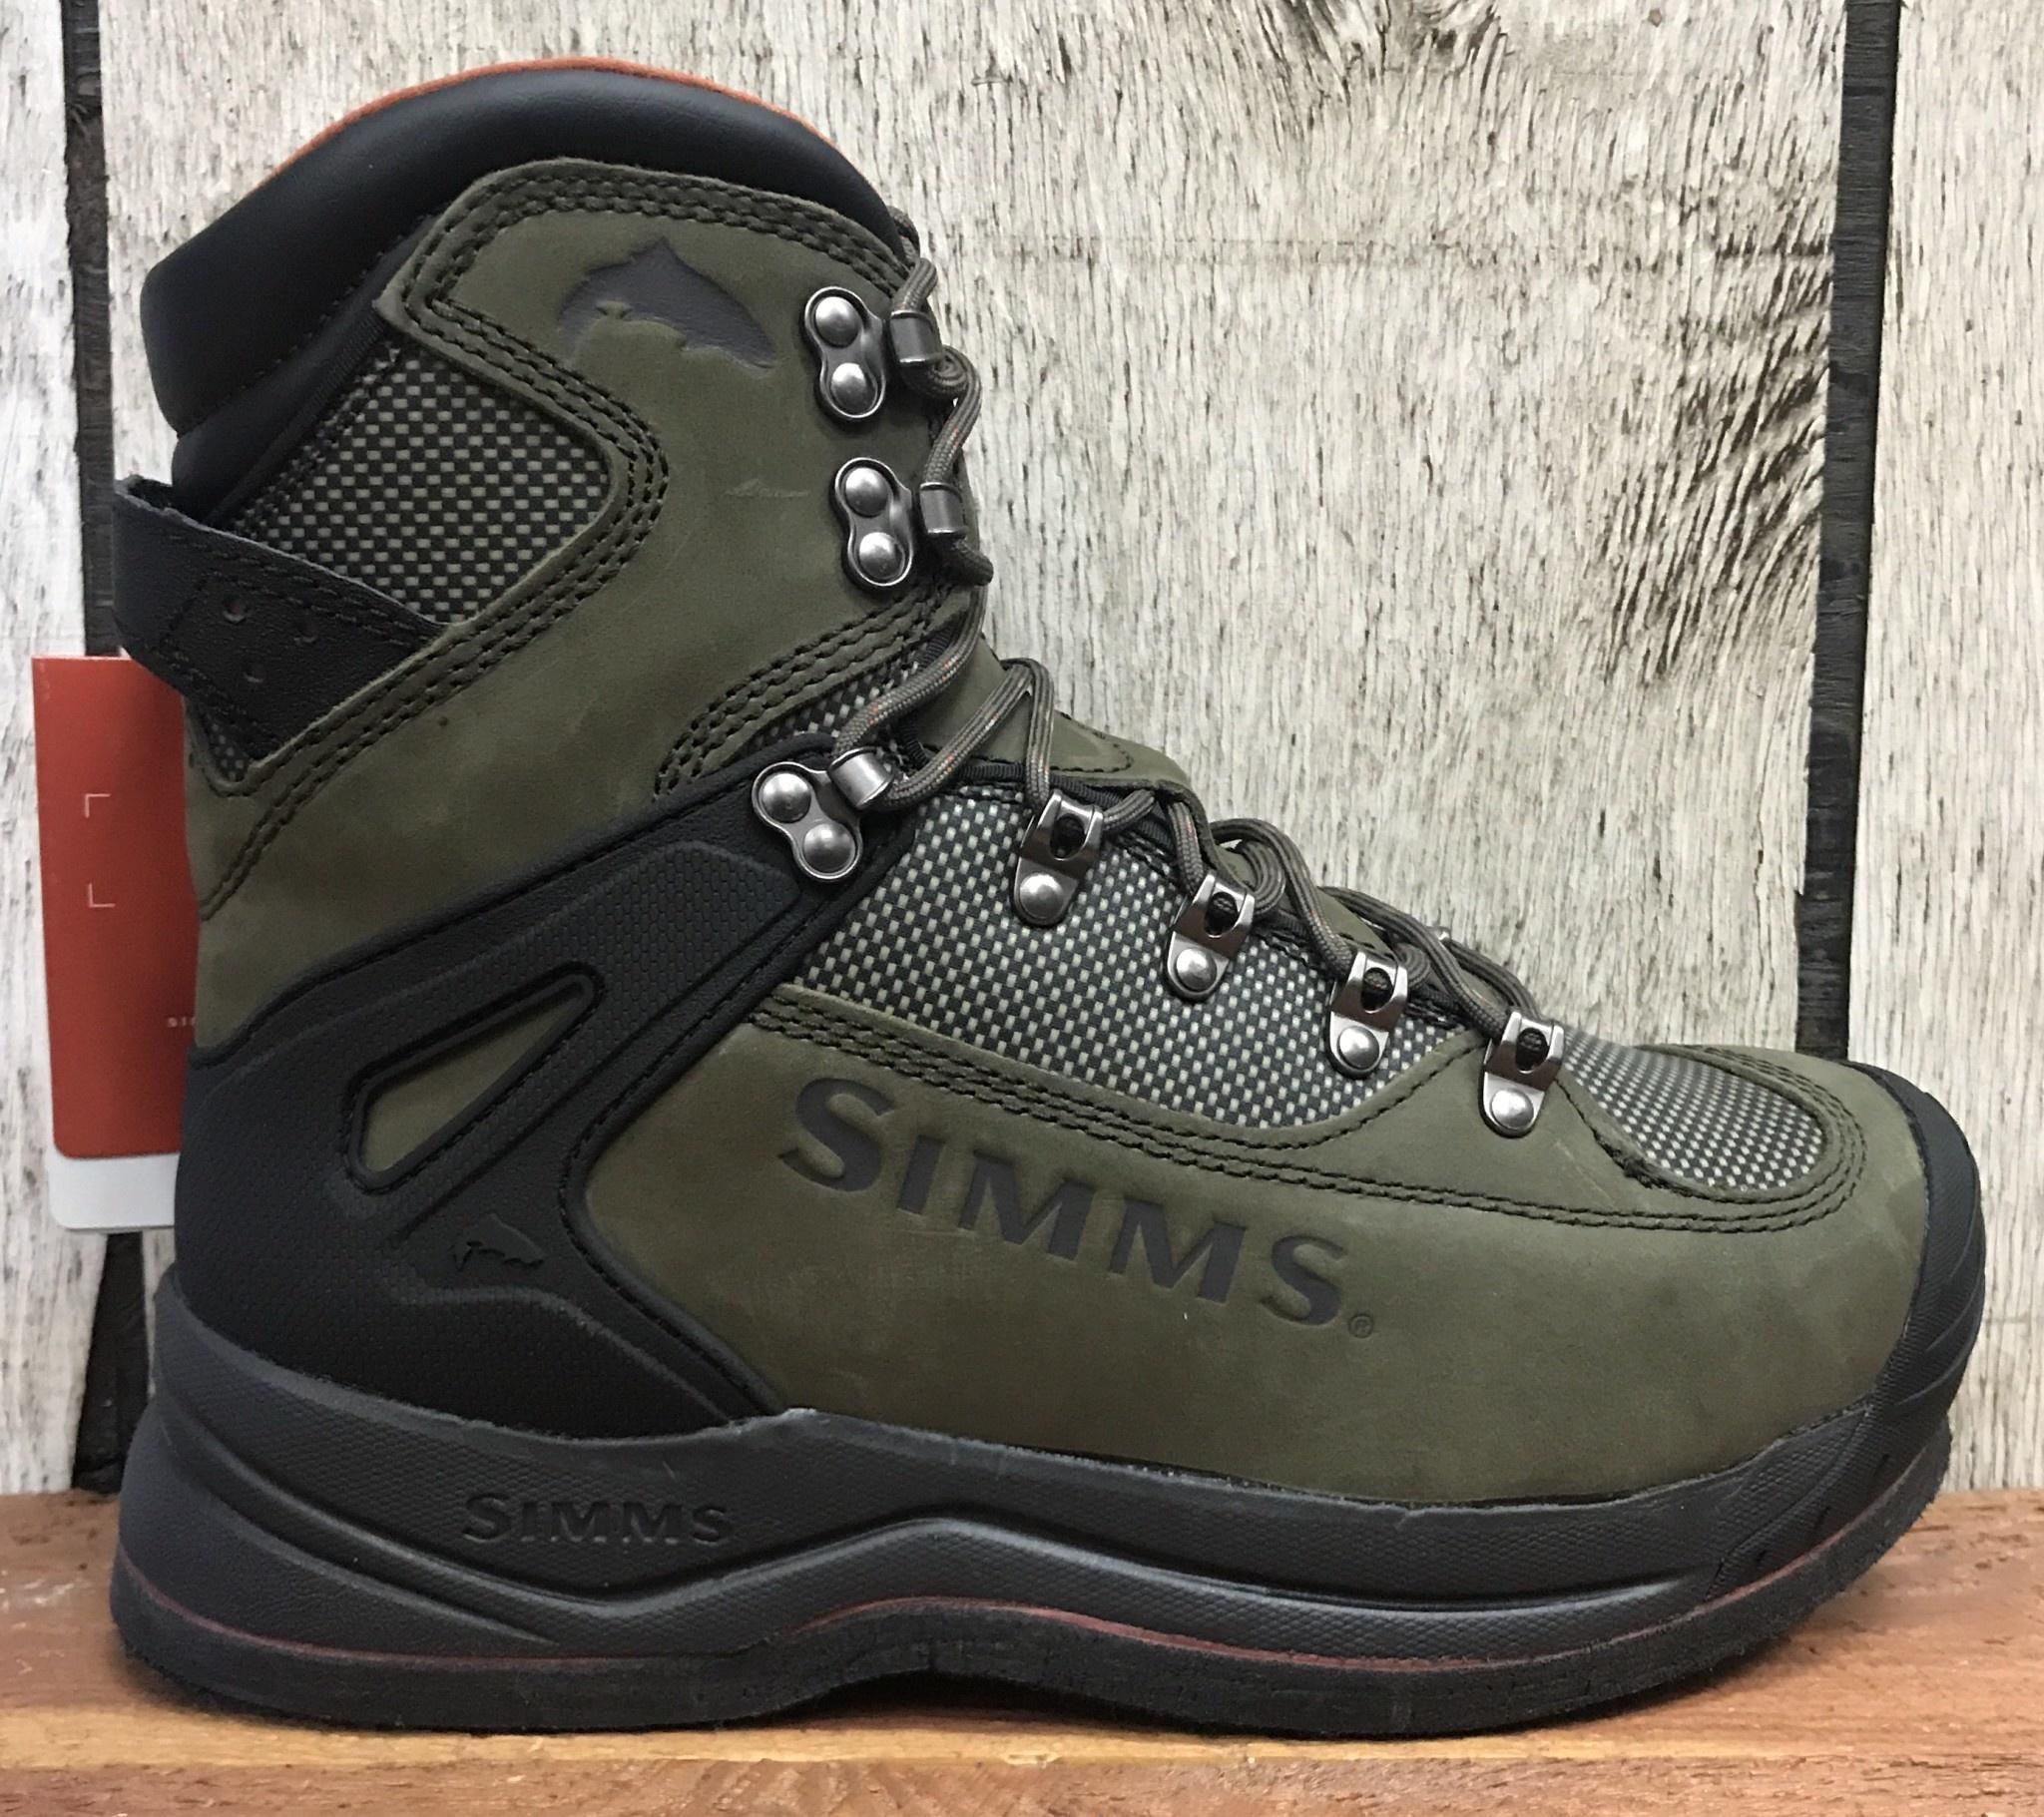 Simms G3 Guide Boot Felt Dk Elkhorn Size 9 - 60% Off